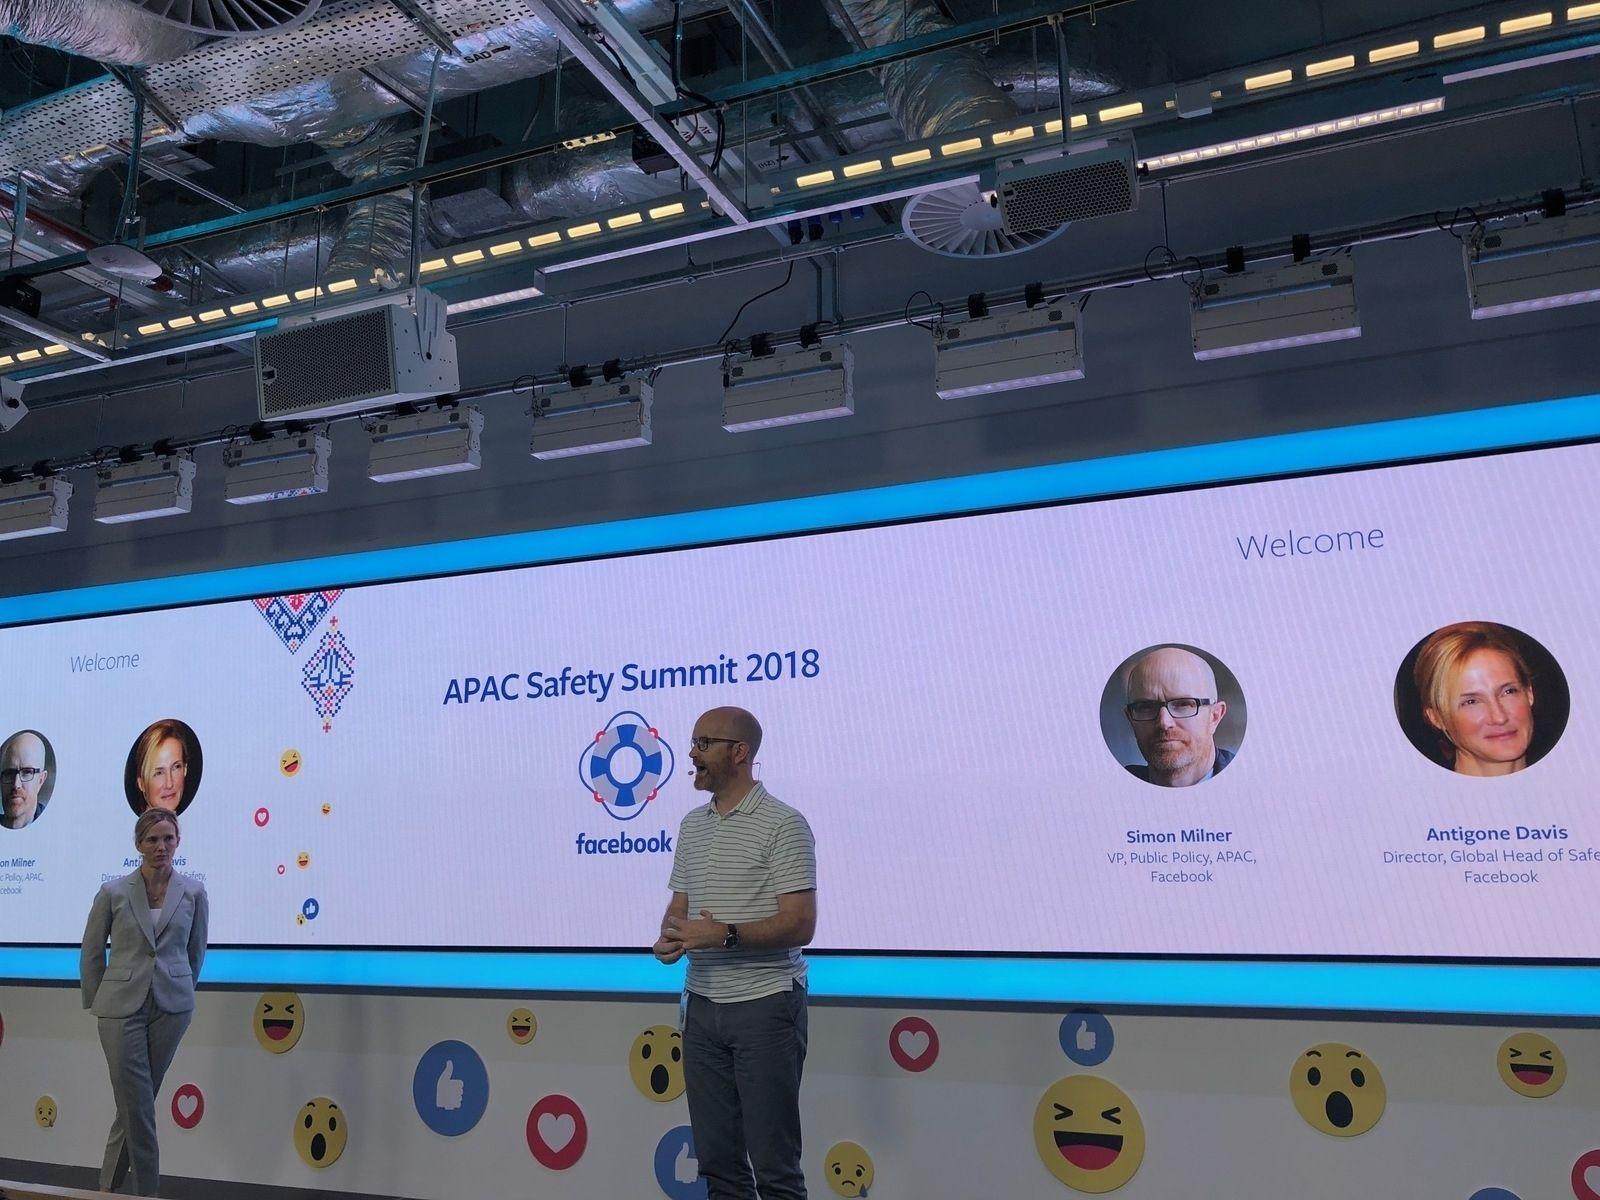 Фэйсбүүк компани цахим орчны зохистой хэрэглээний боловсрол олгоход Монгол Улсад дэмжлэг үзүүлэхээ илэрхийллээ